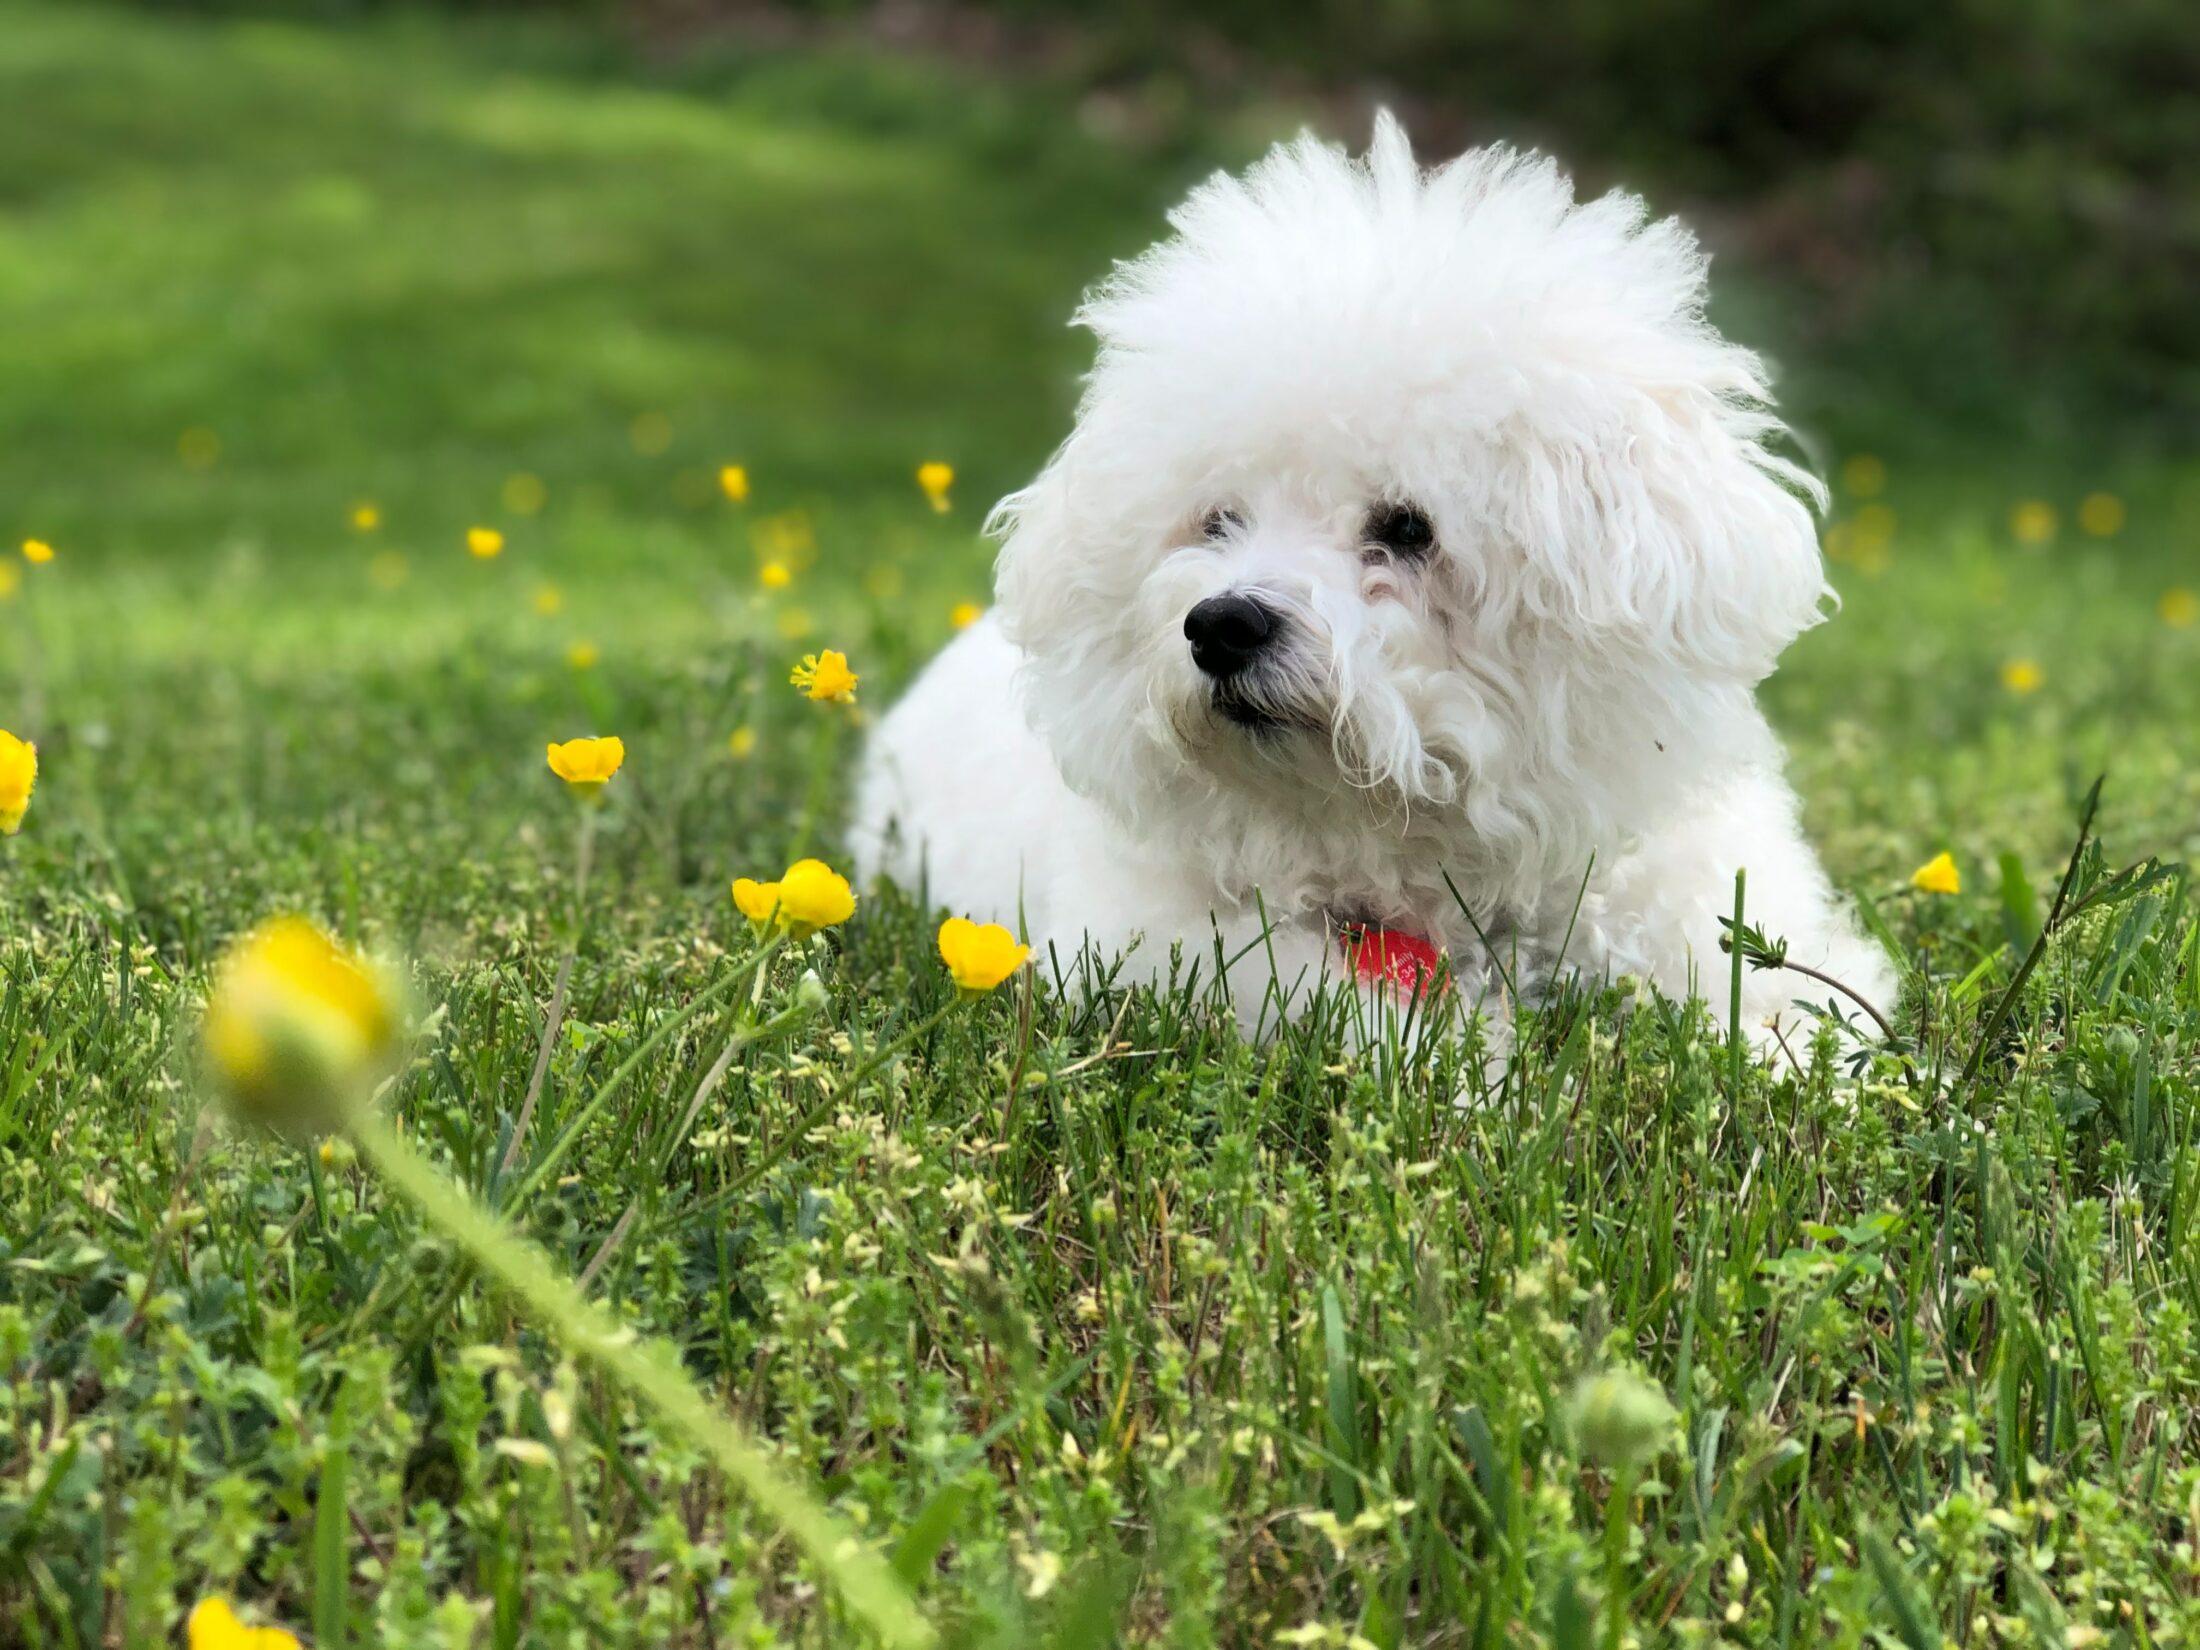 cachorro branco - bichon frise